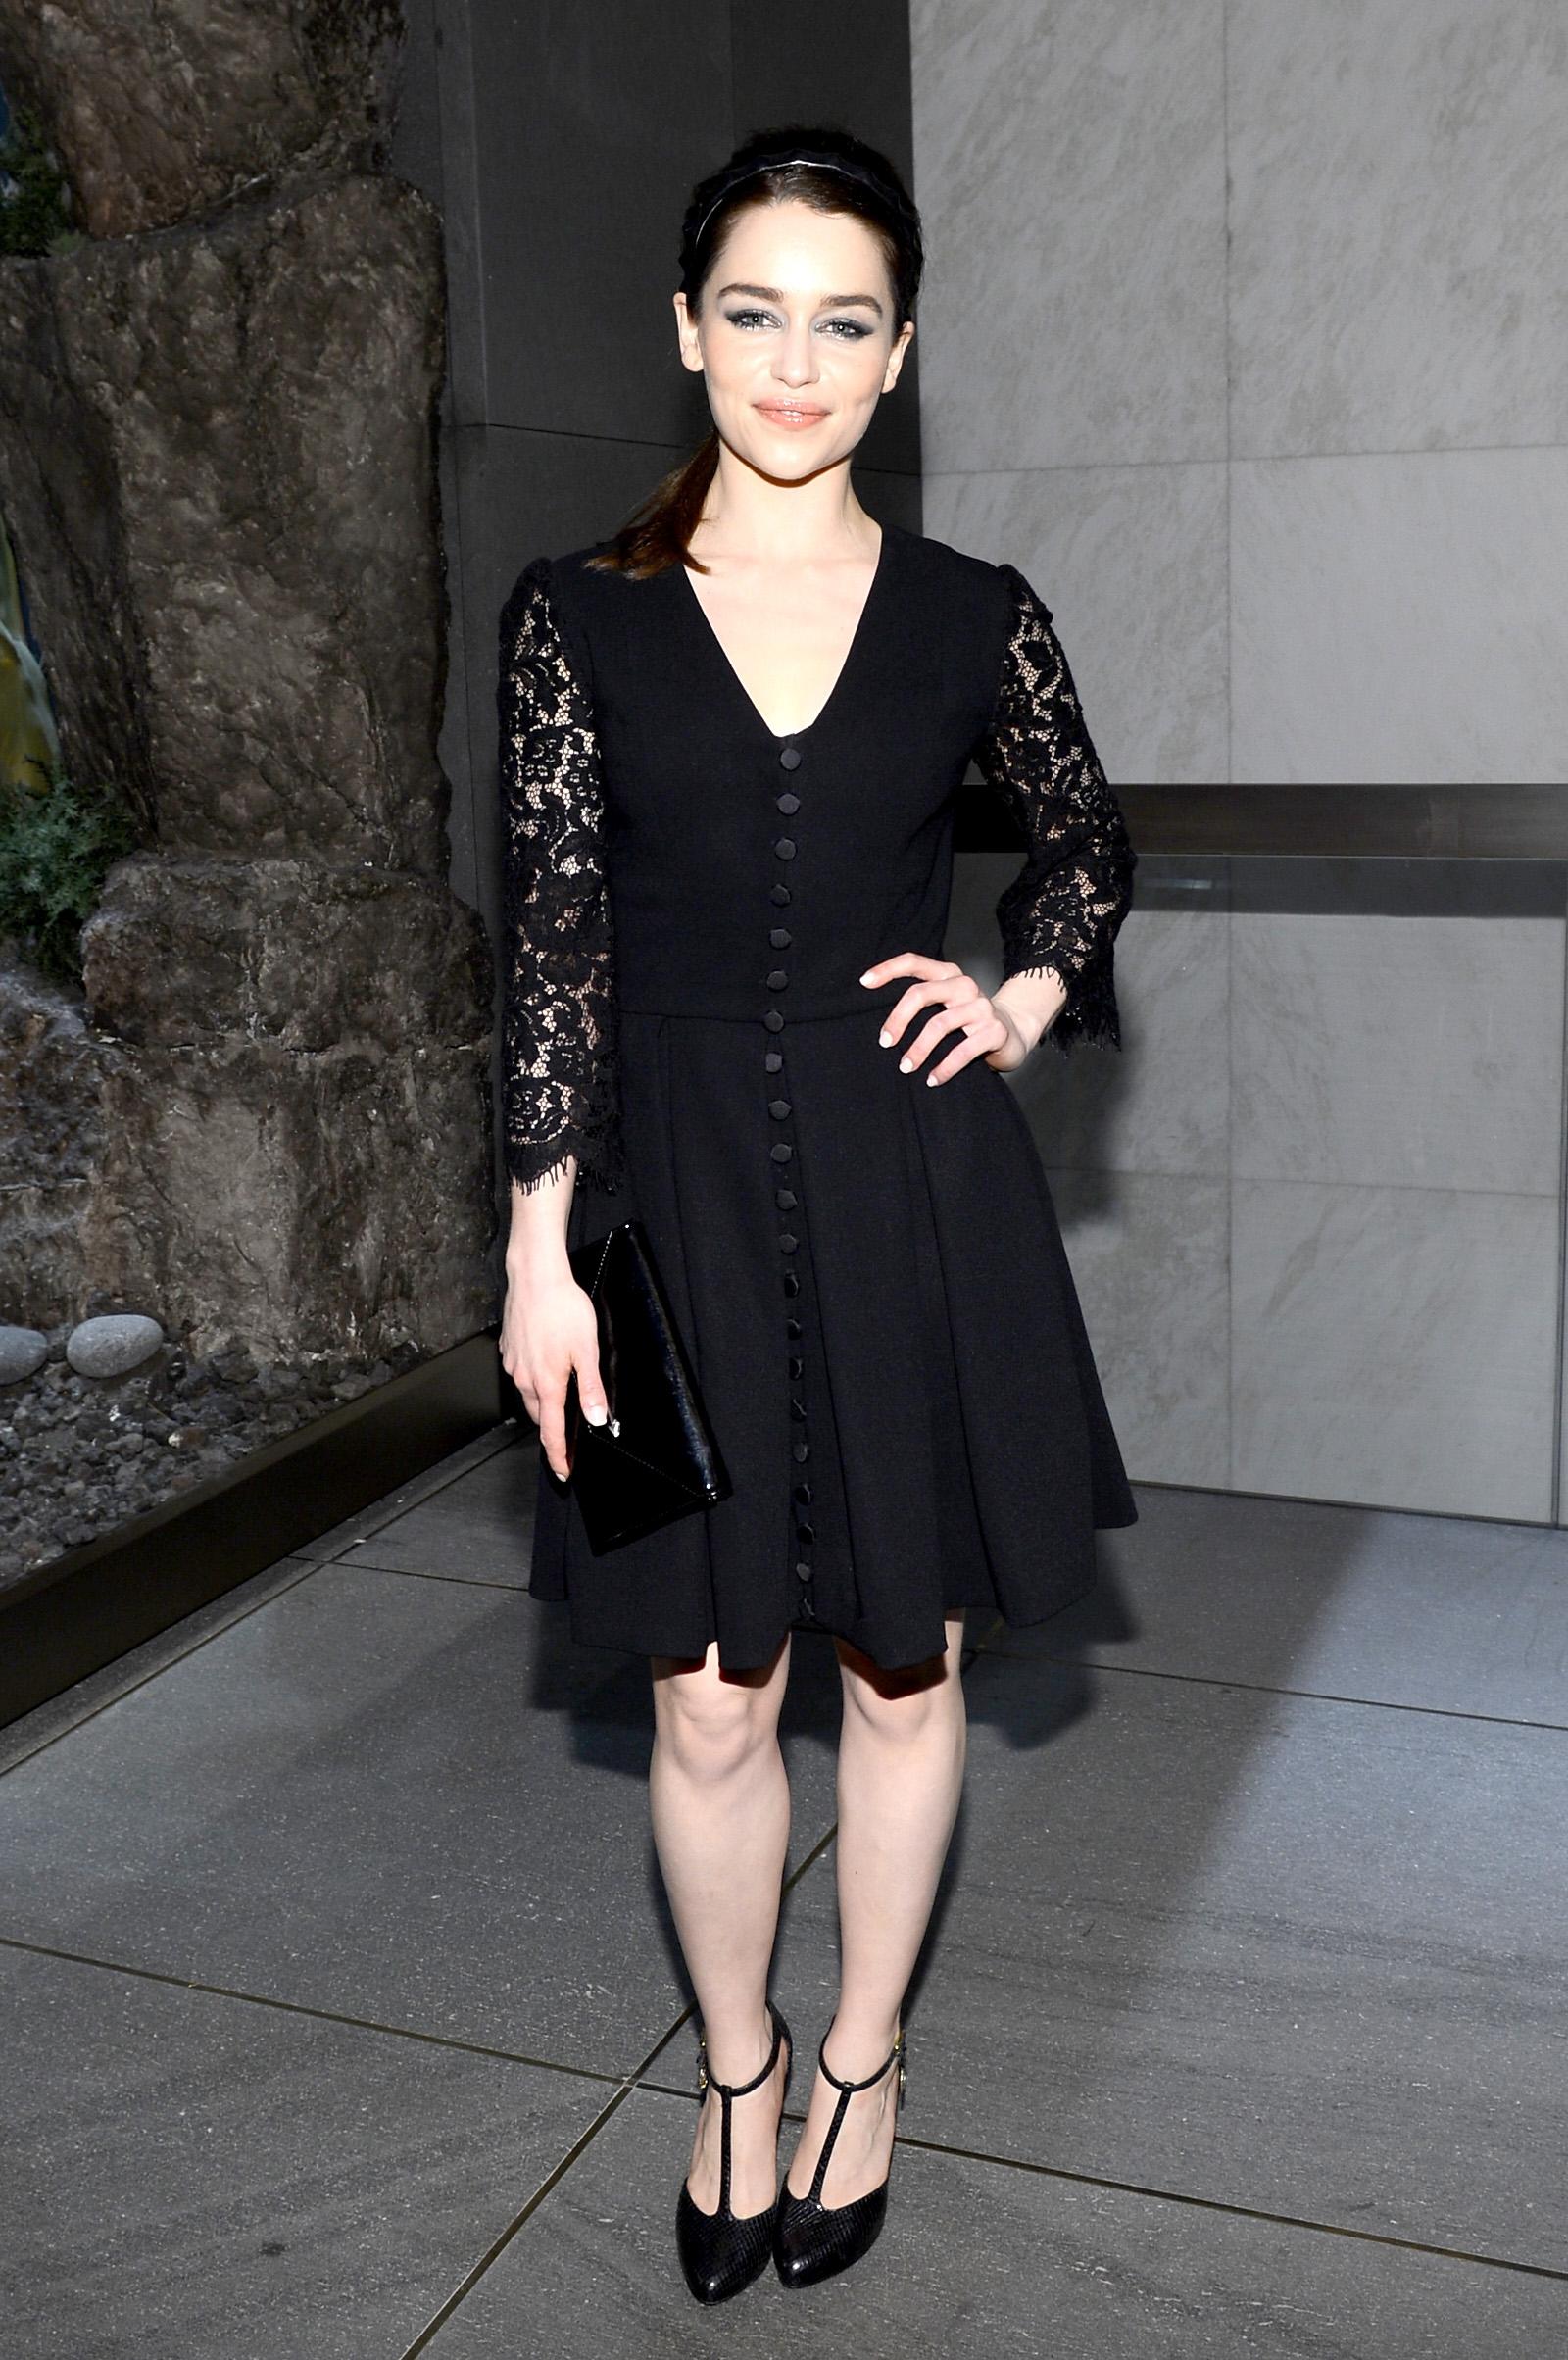 Emilia Clarke 2013 : Emilia Clarke – Moda Operandi event -05